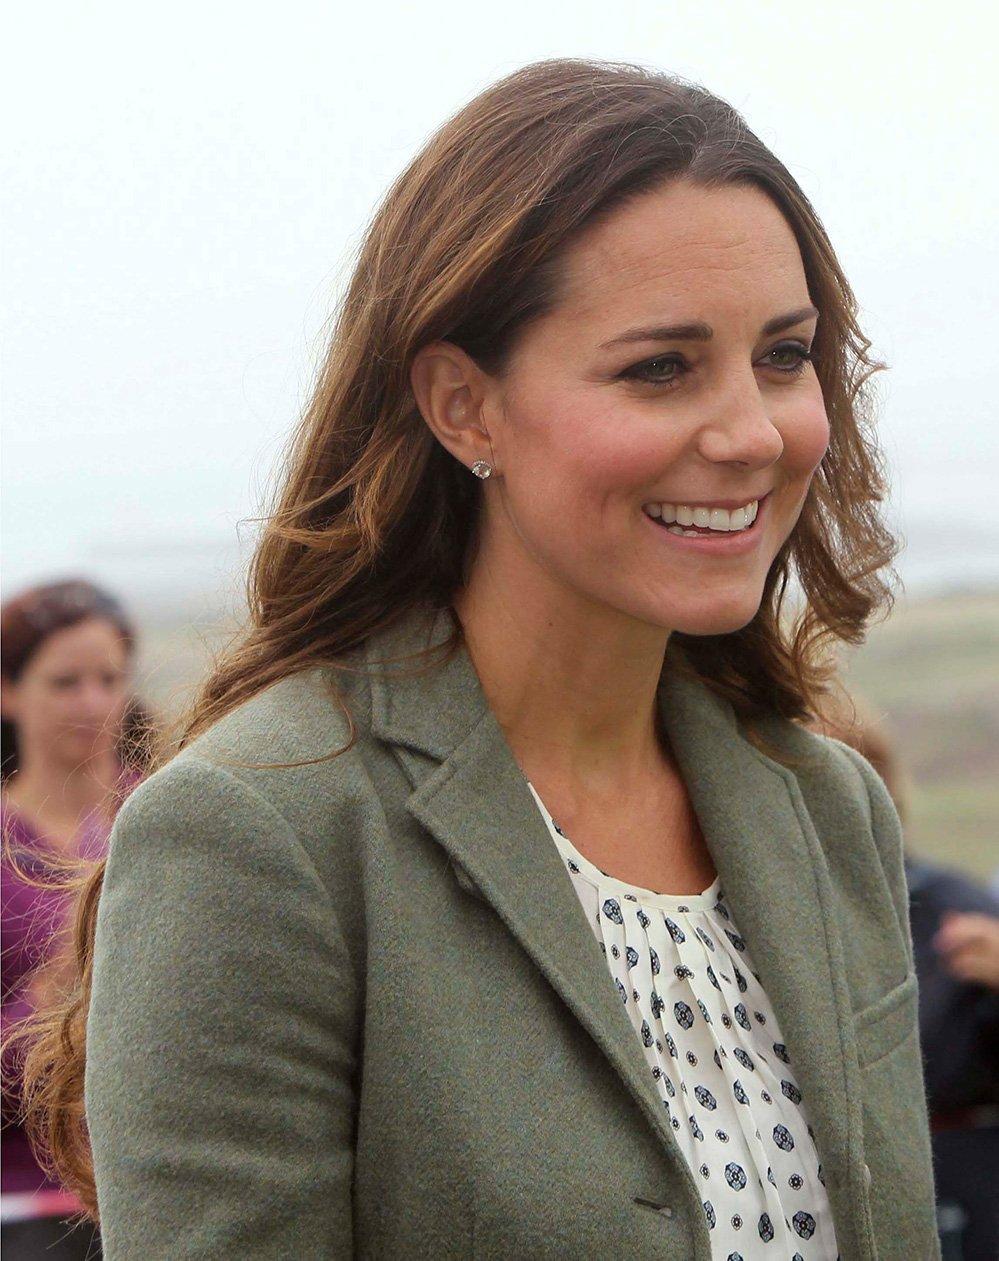 Reaparición espectacular de Kate Middleton - Fotos